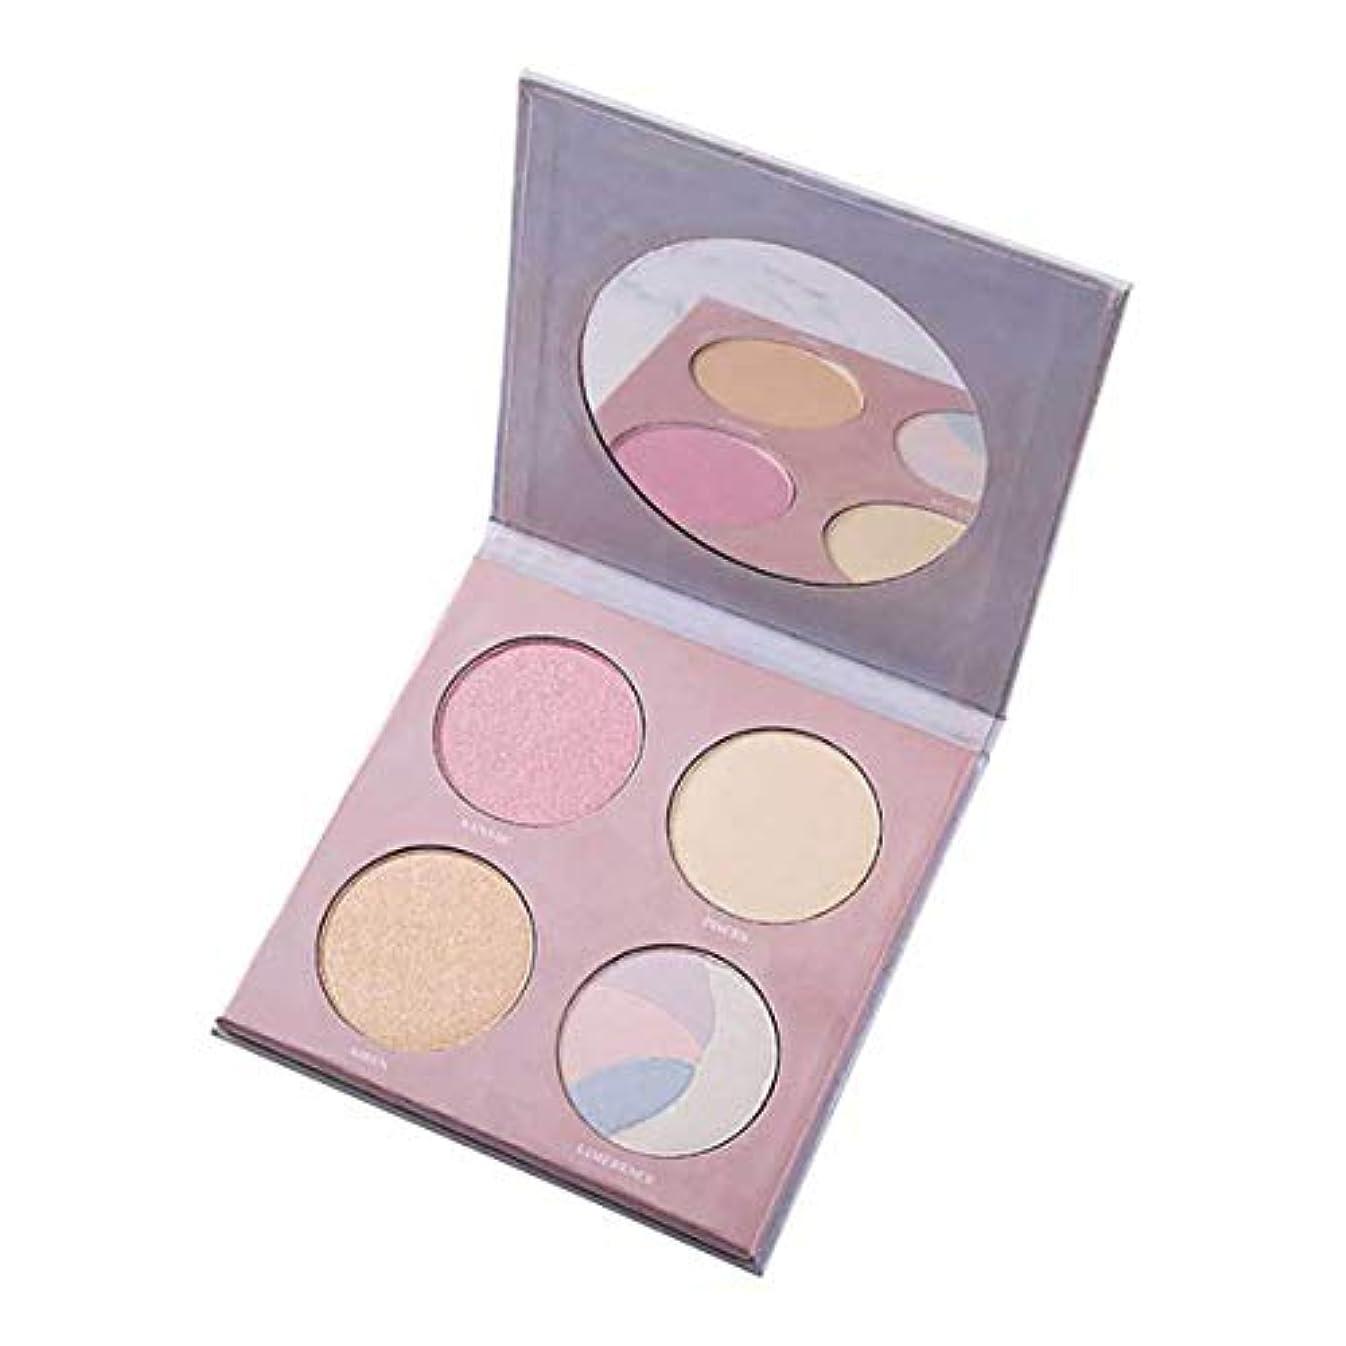 ビルリラックス師匠Intercorey Makeupブライトライトアイシャドウパレットヌードバームミネラルパウダー顔料化粧品キラキラアイシャドウメイクアップ